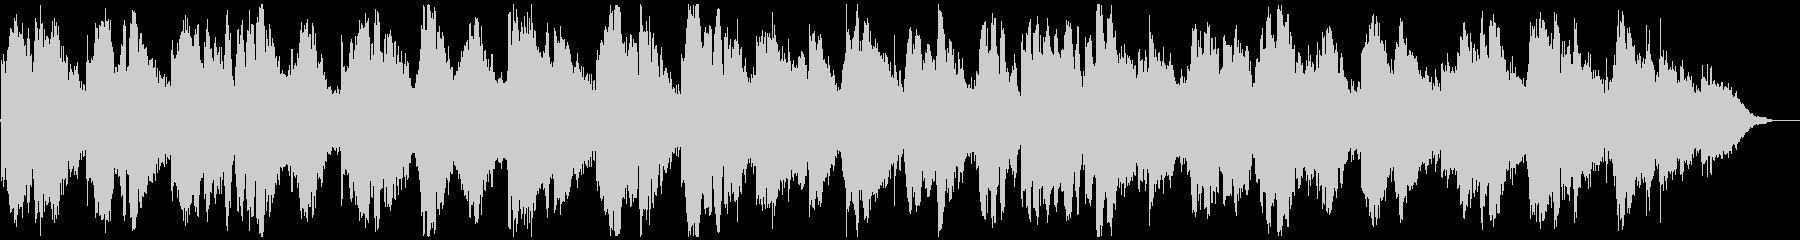 キラキラ神秘的、深海のようなリラックス曲の未再生の波形